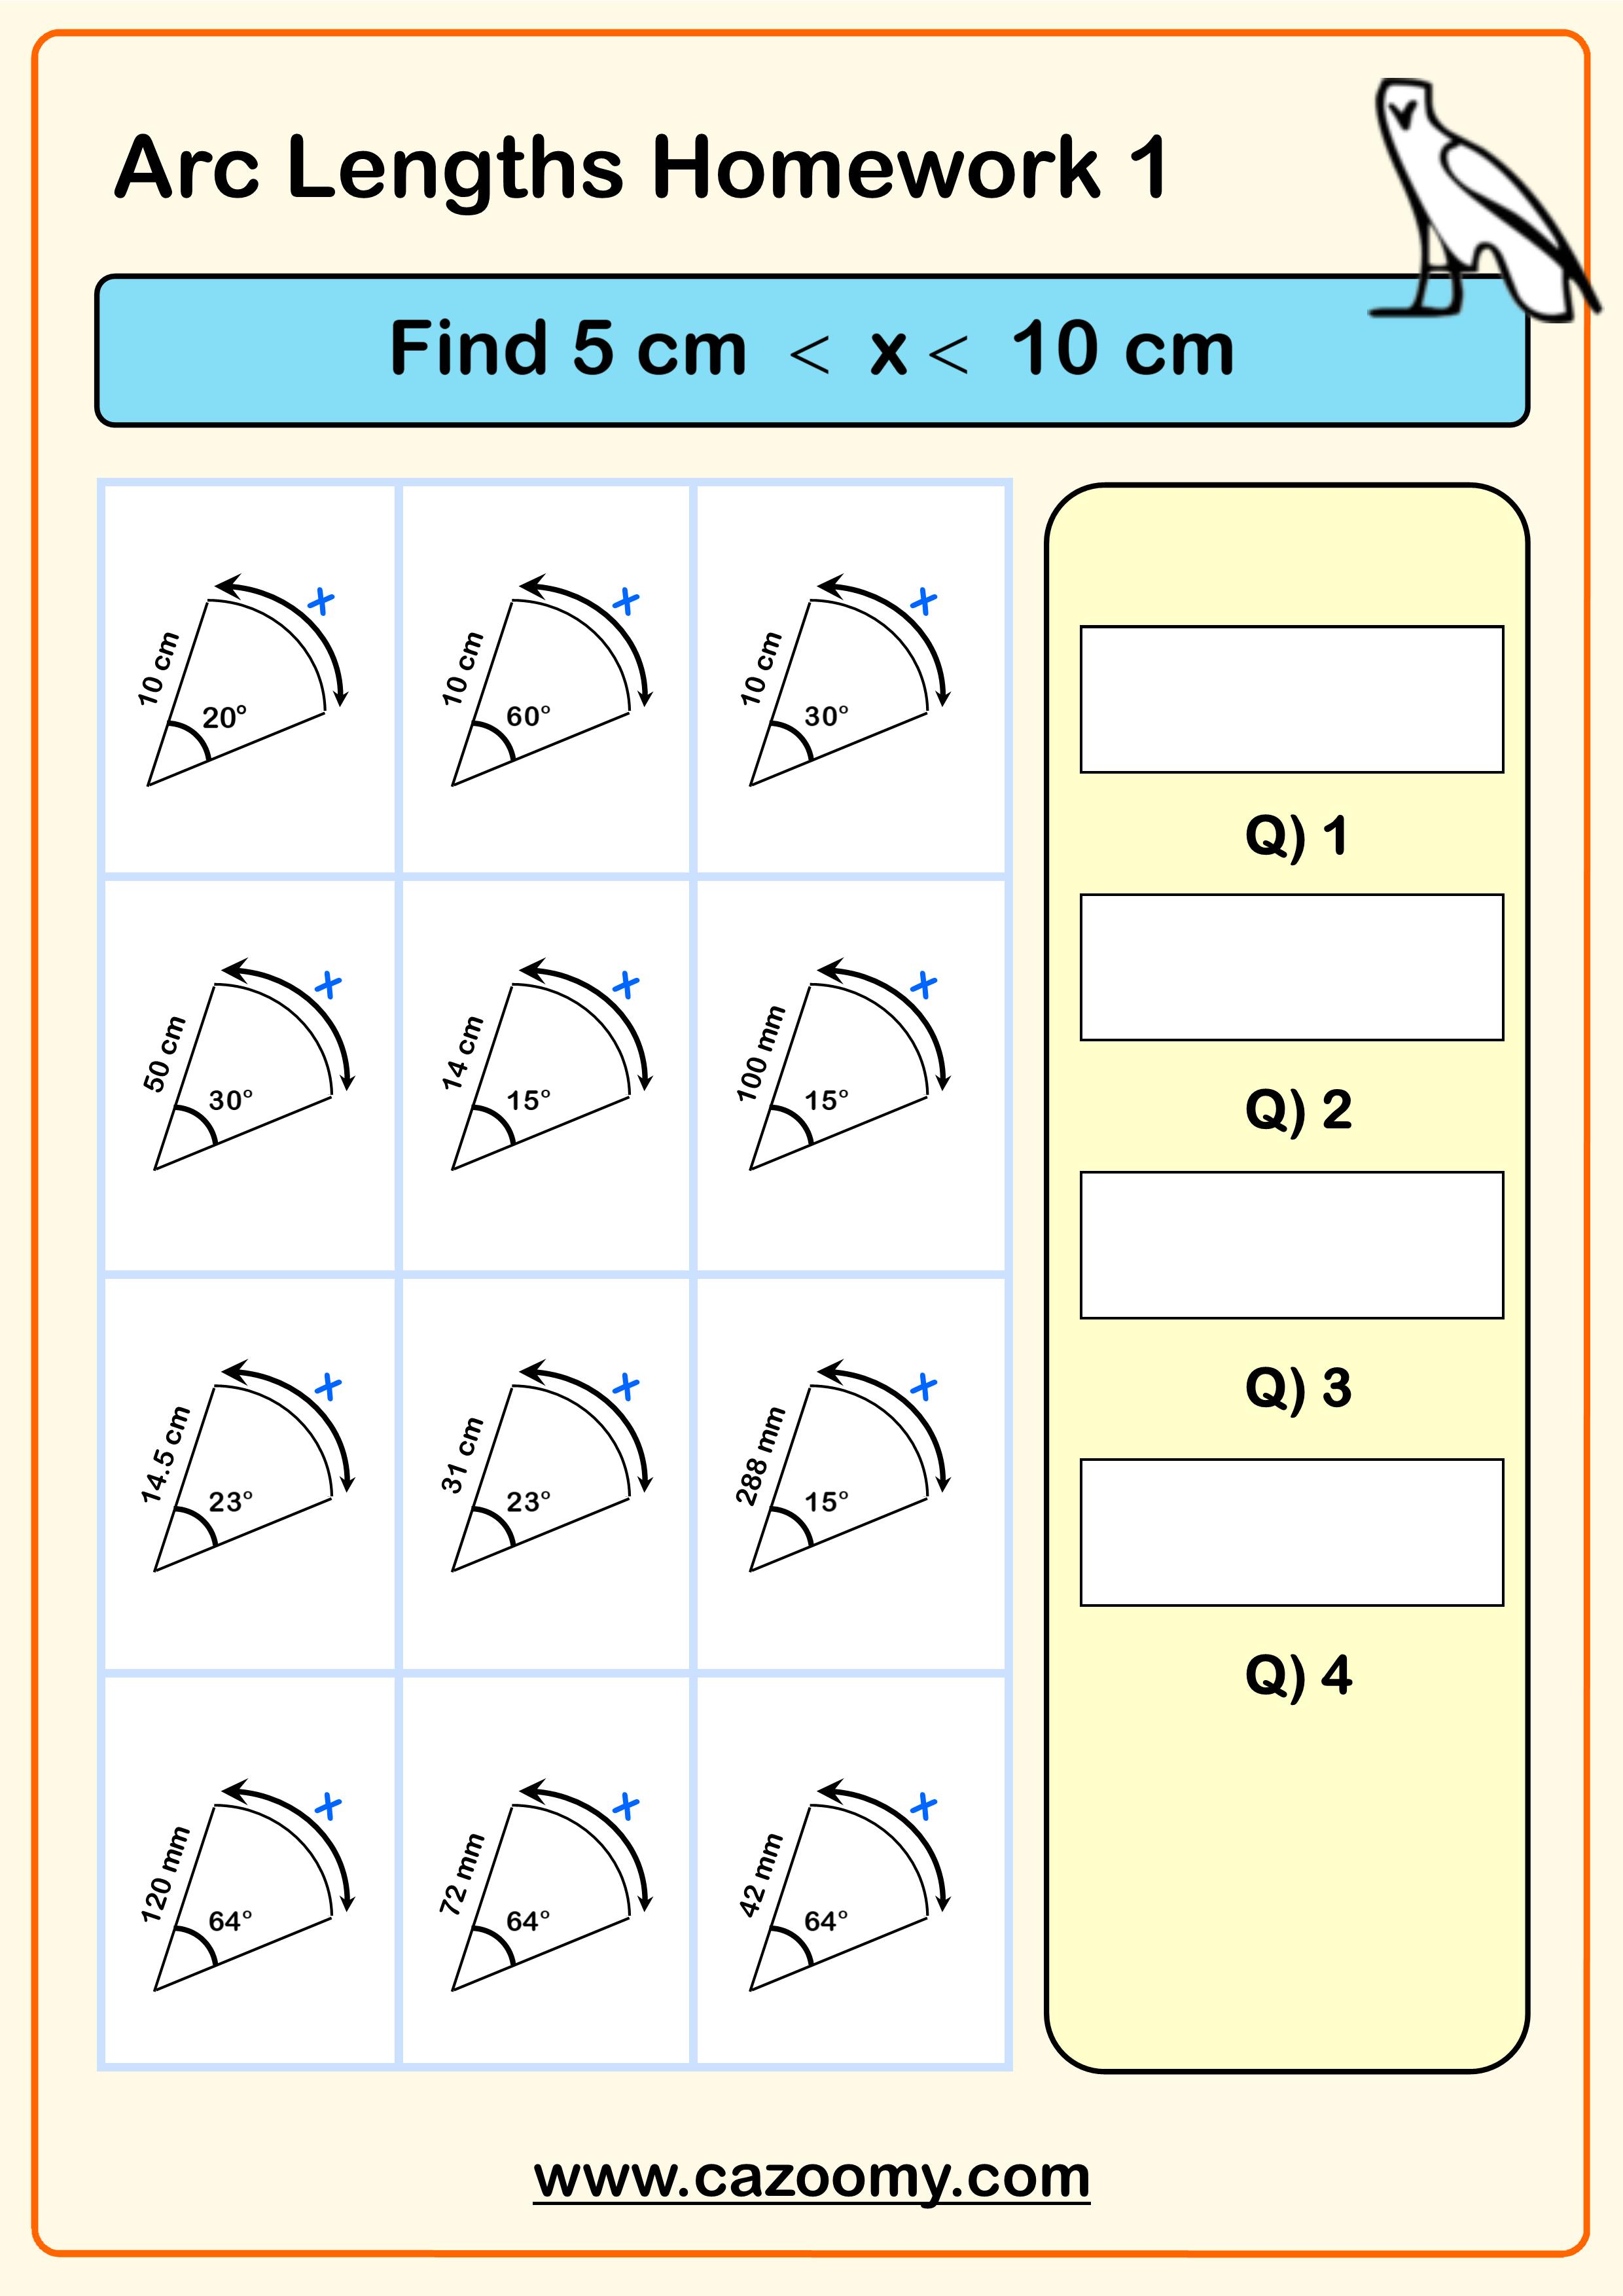 Arc Lengths Homework By Cazoomy